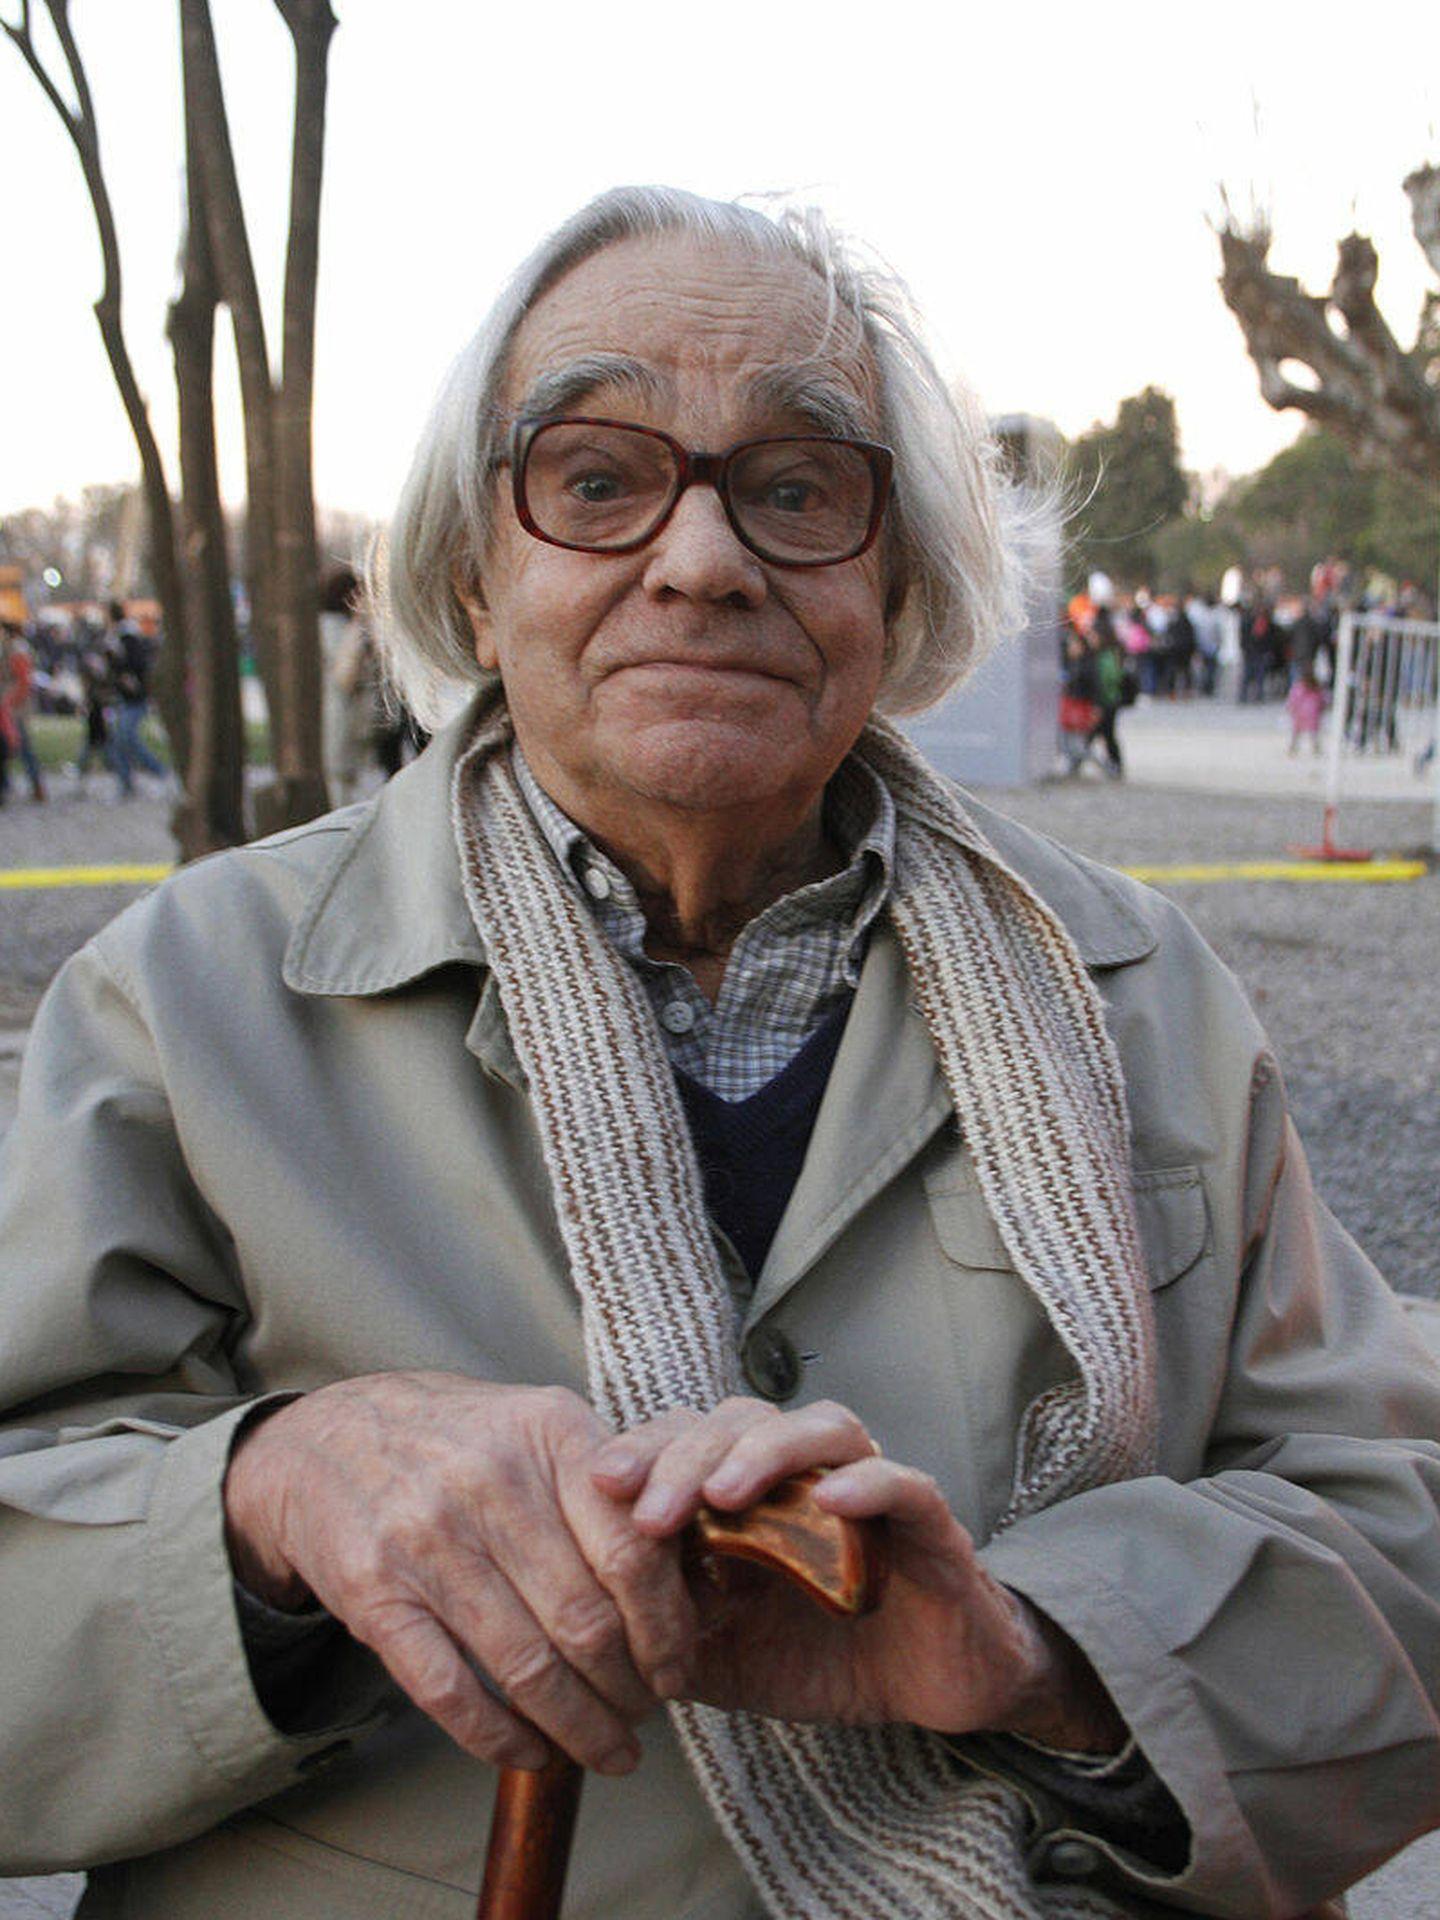 León Ferrari, artista argentino creador de 'La civilización occidental y cristiana' (Mariano Sanda)